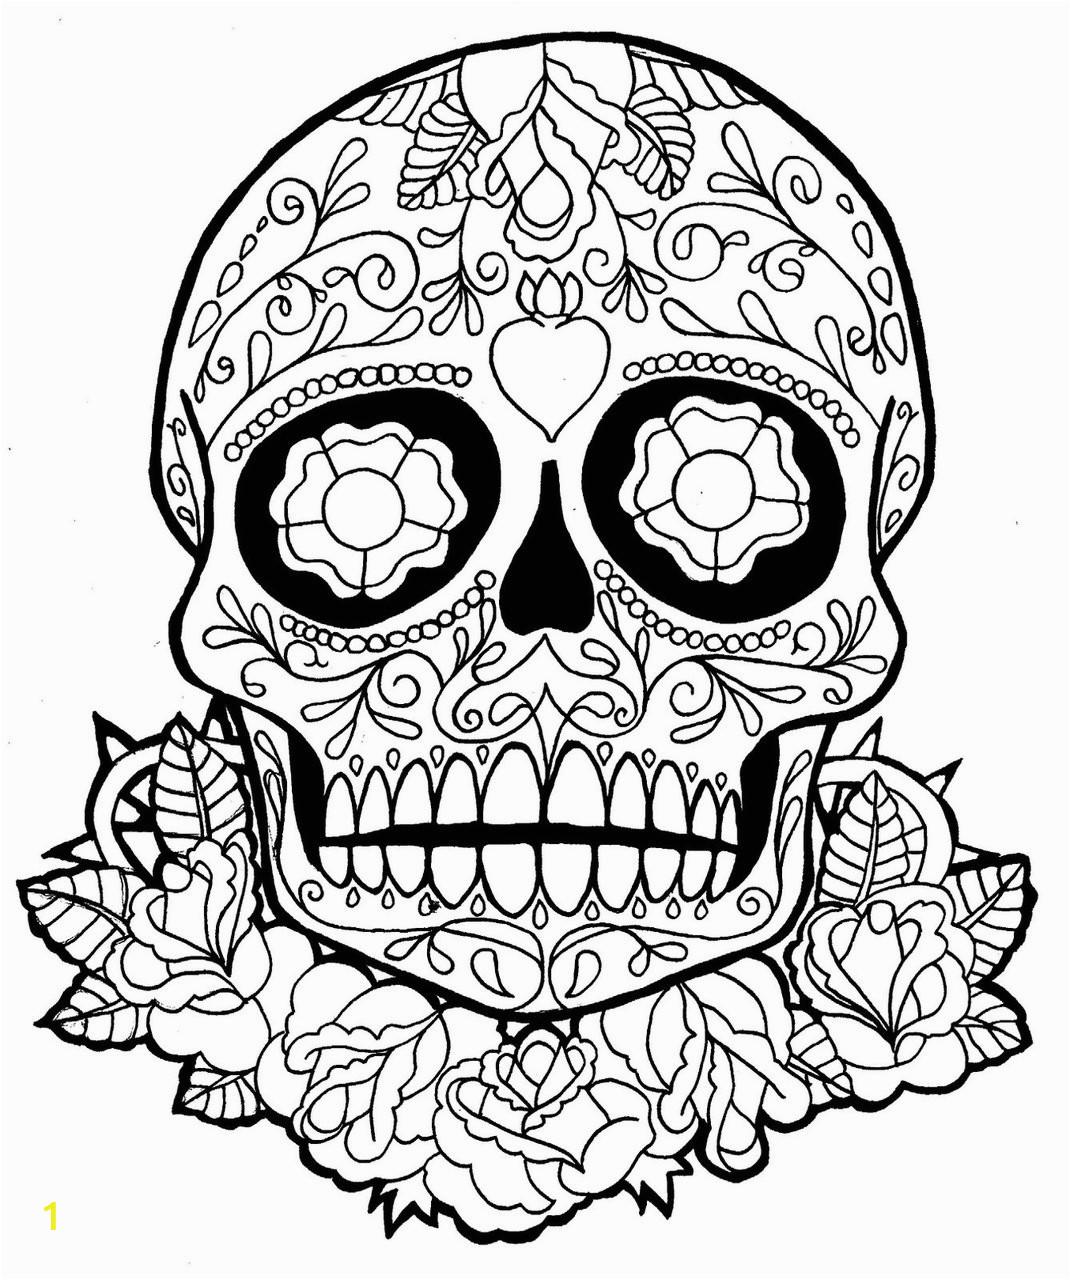 image=dia de los muertos day of the dead Coloring for kids dia de los muertos day of the dead 4300 1